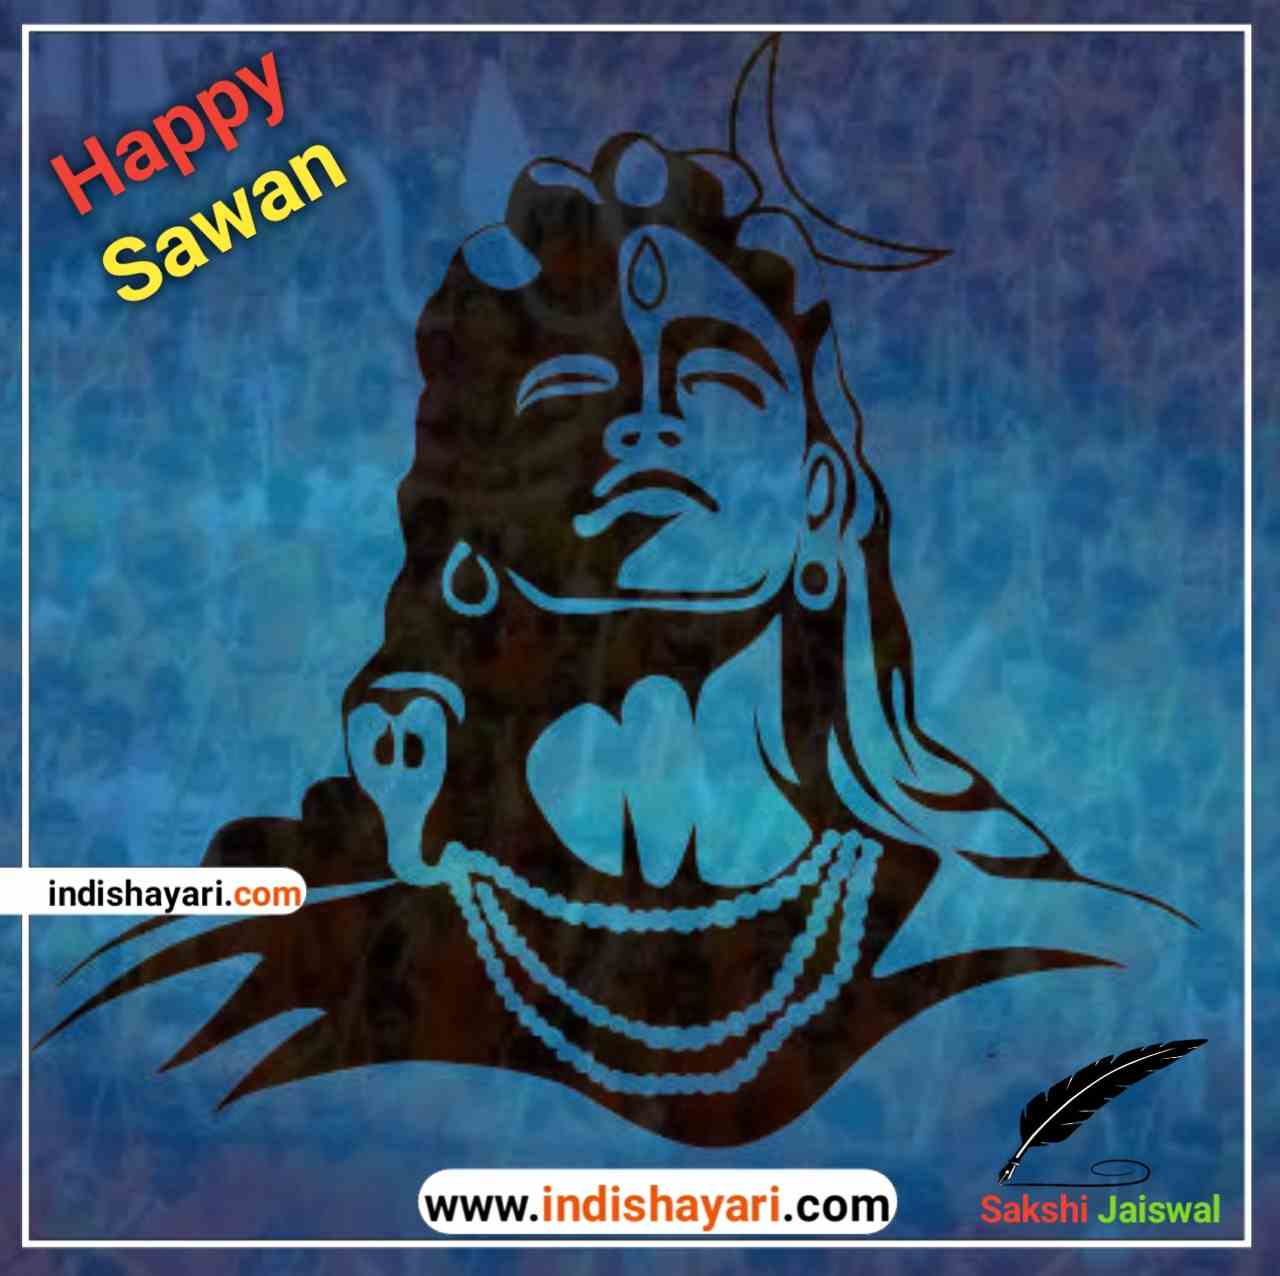 Happy Sawan, Sawan Special, Sawan kab hai, sawan kyu manate hai, sawan date and time